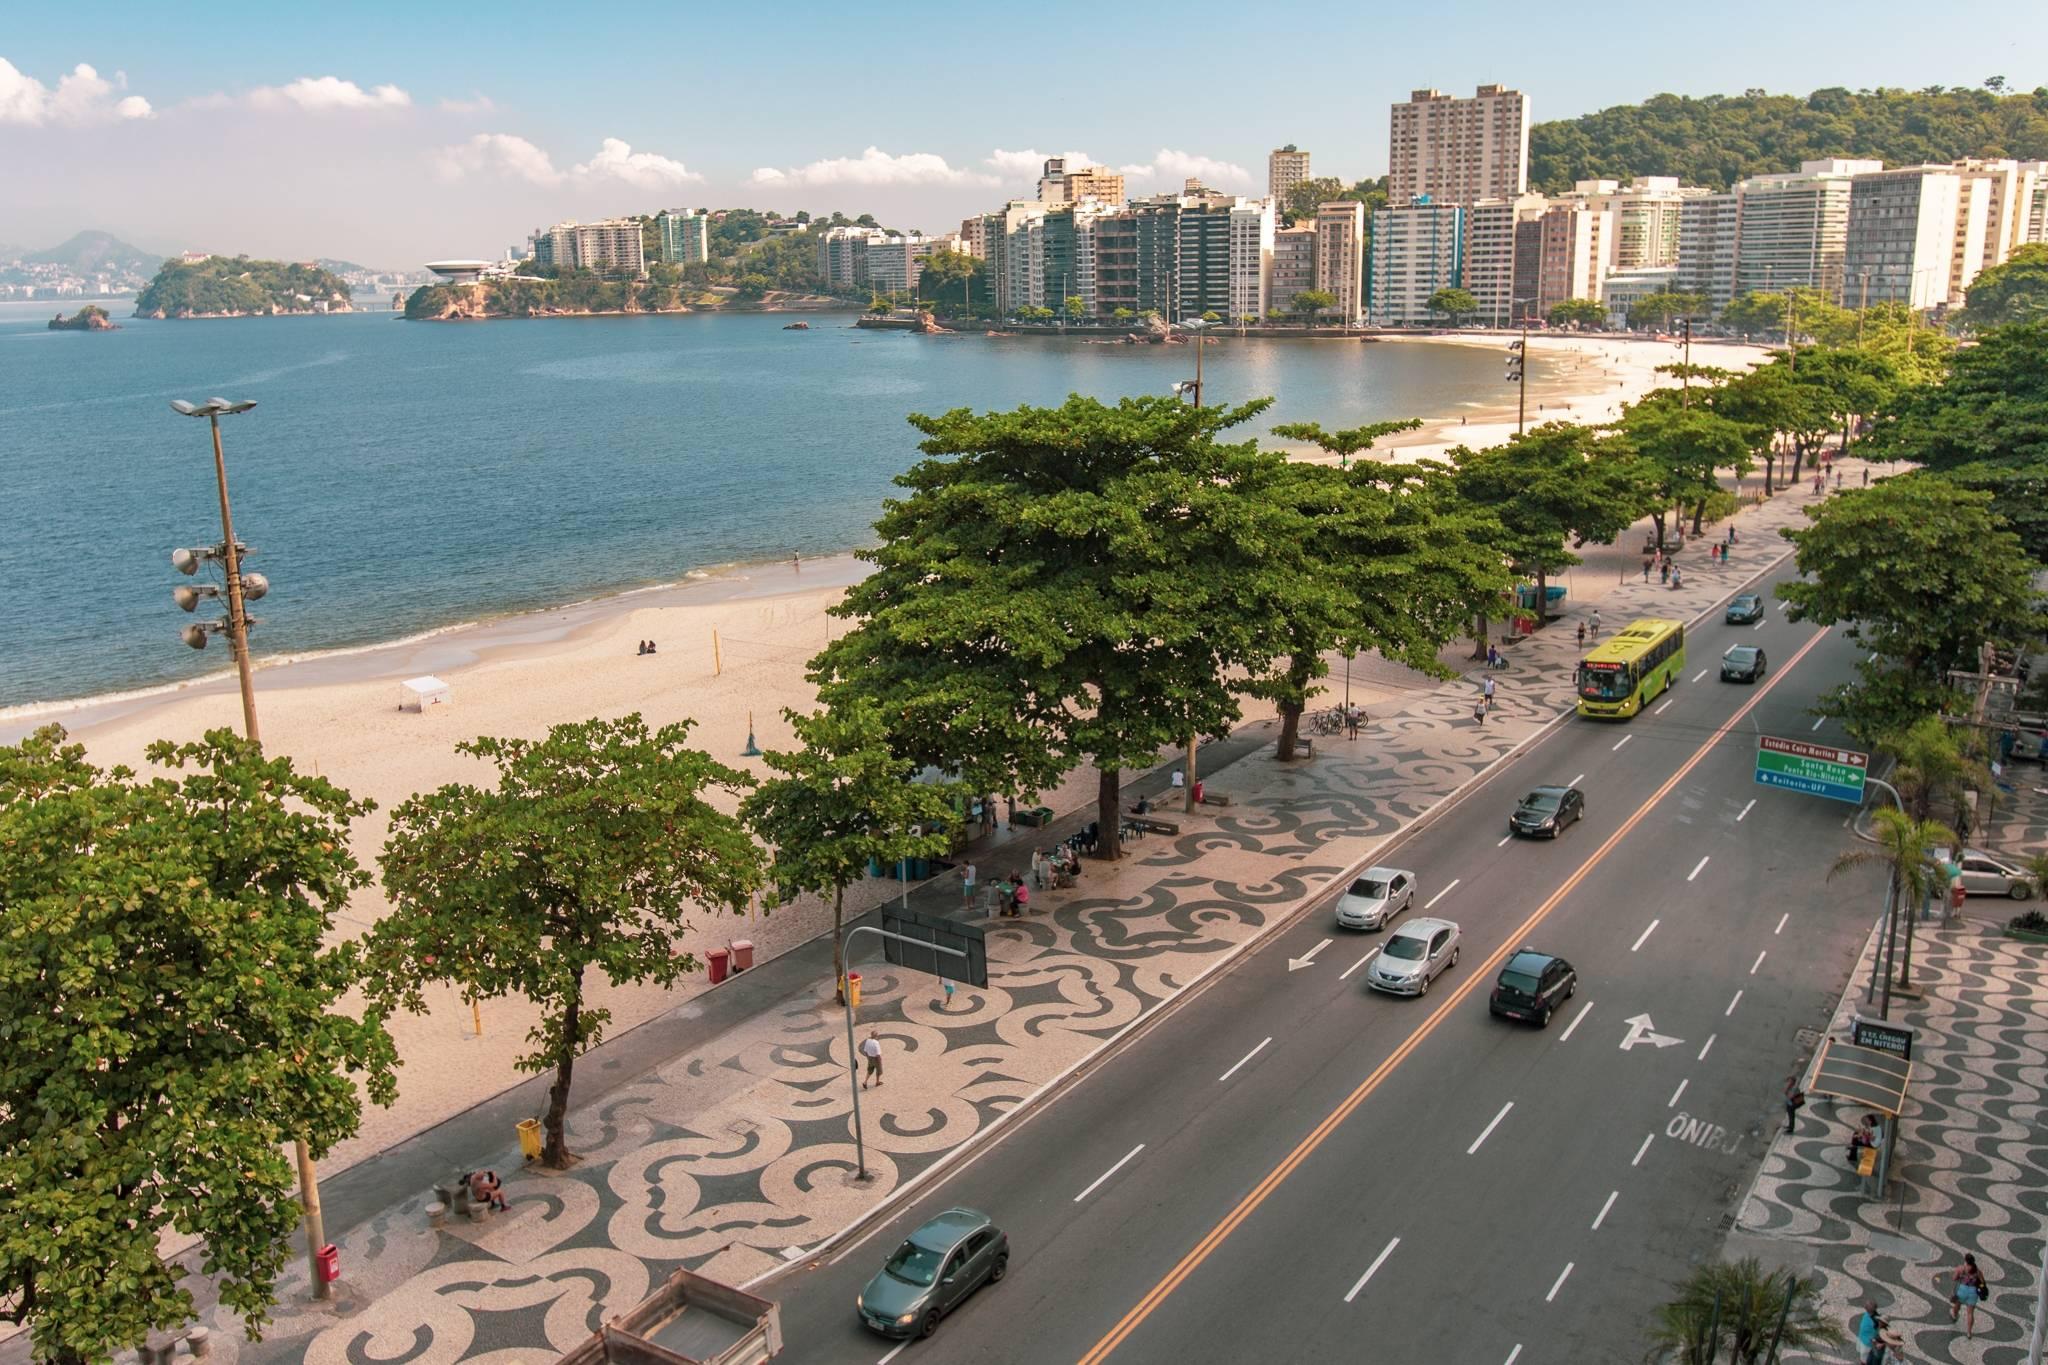 Mr Cunditt - Praia de Icaraí